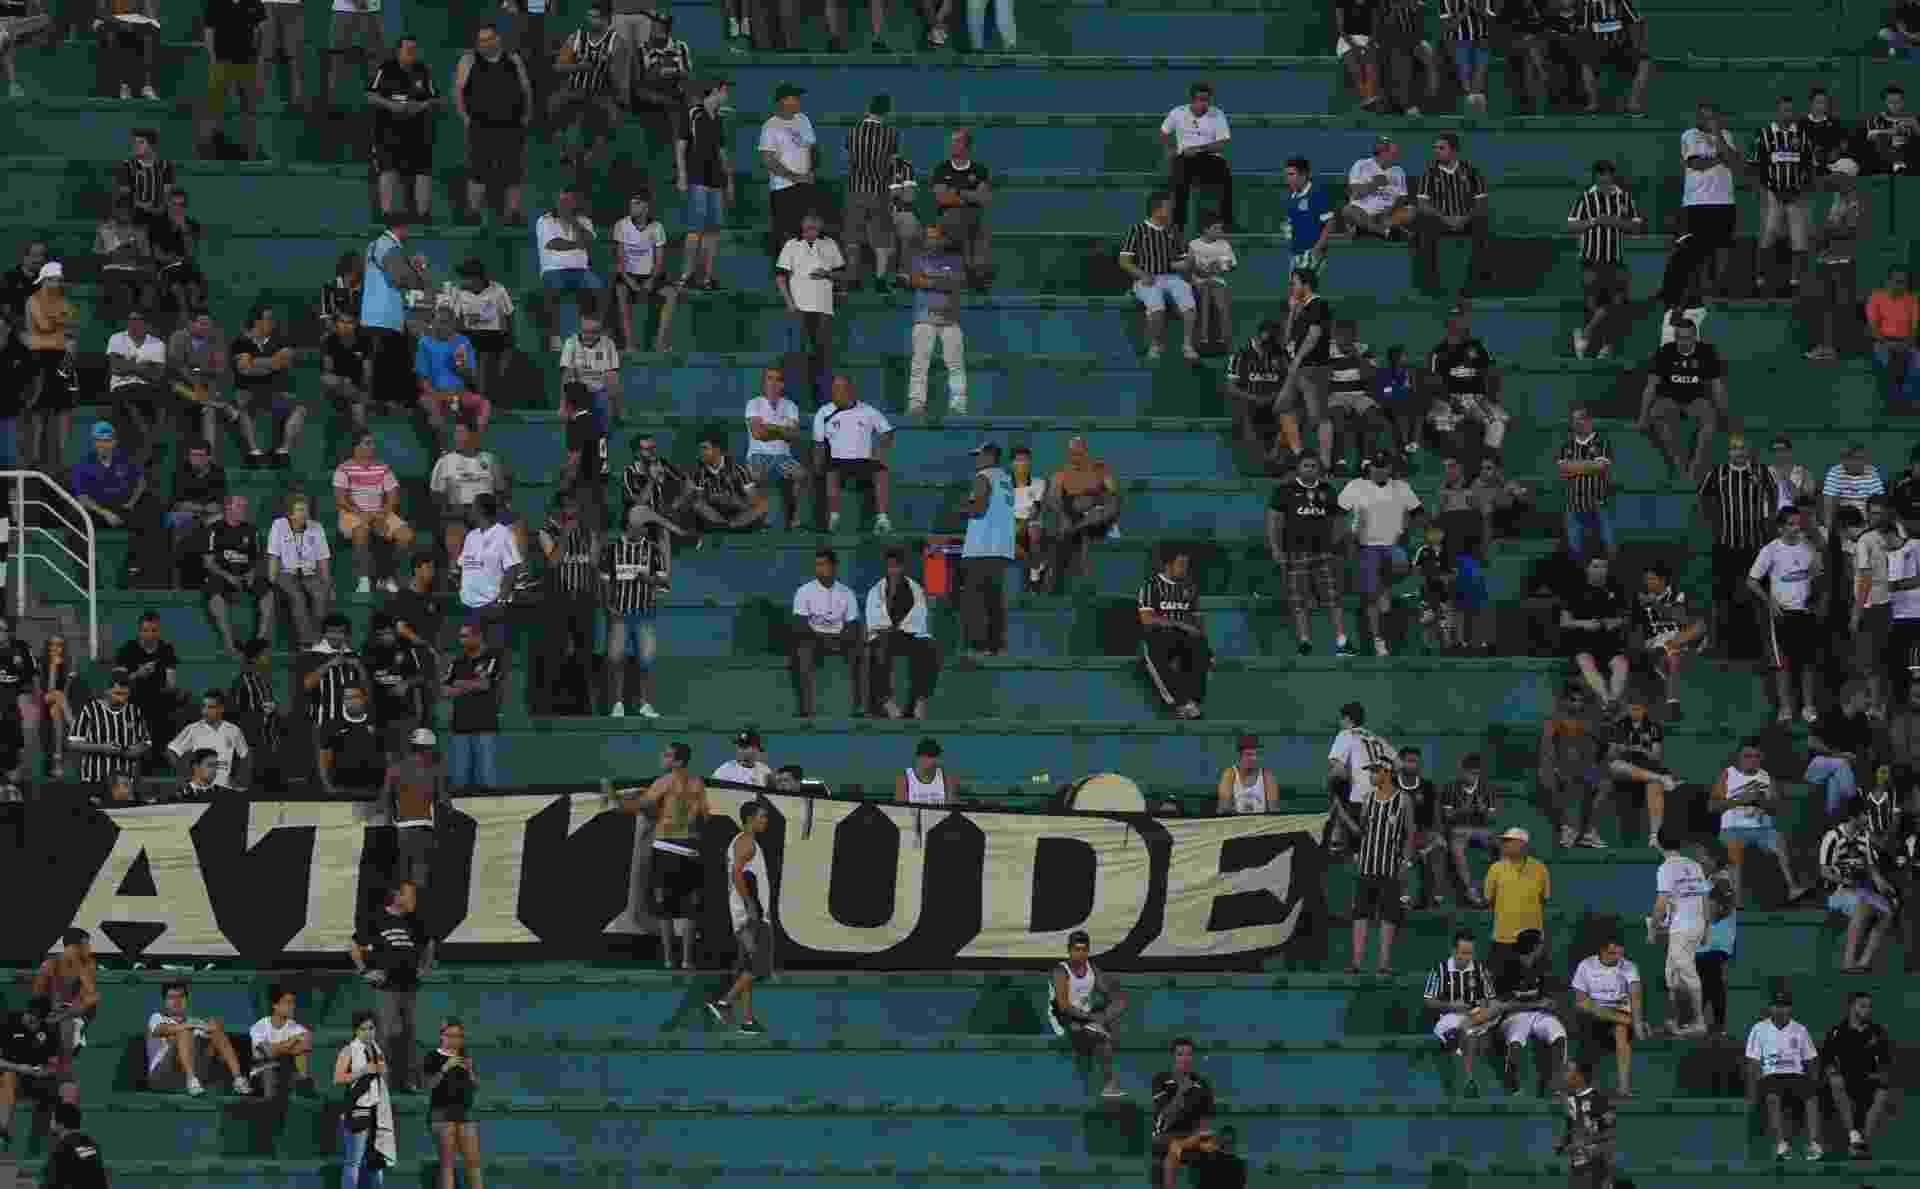 """05.fev.2014 - Torcida do Corinthians acompanha o jogo contra o Bragantino e exibe faixa cobrando """"atitude"""" dos atletas - Junior Lago/UOL"""